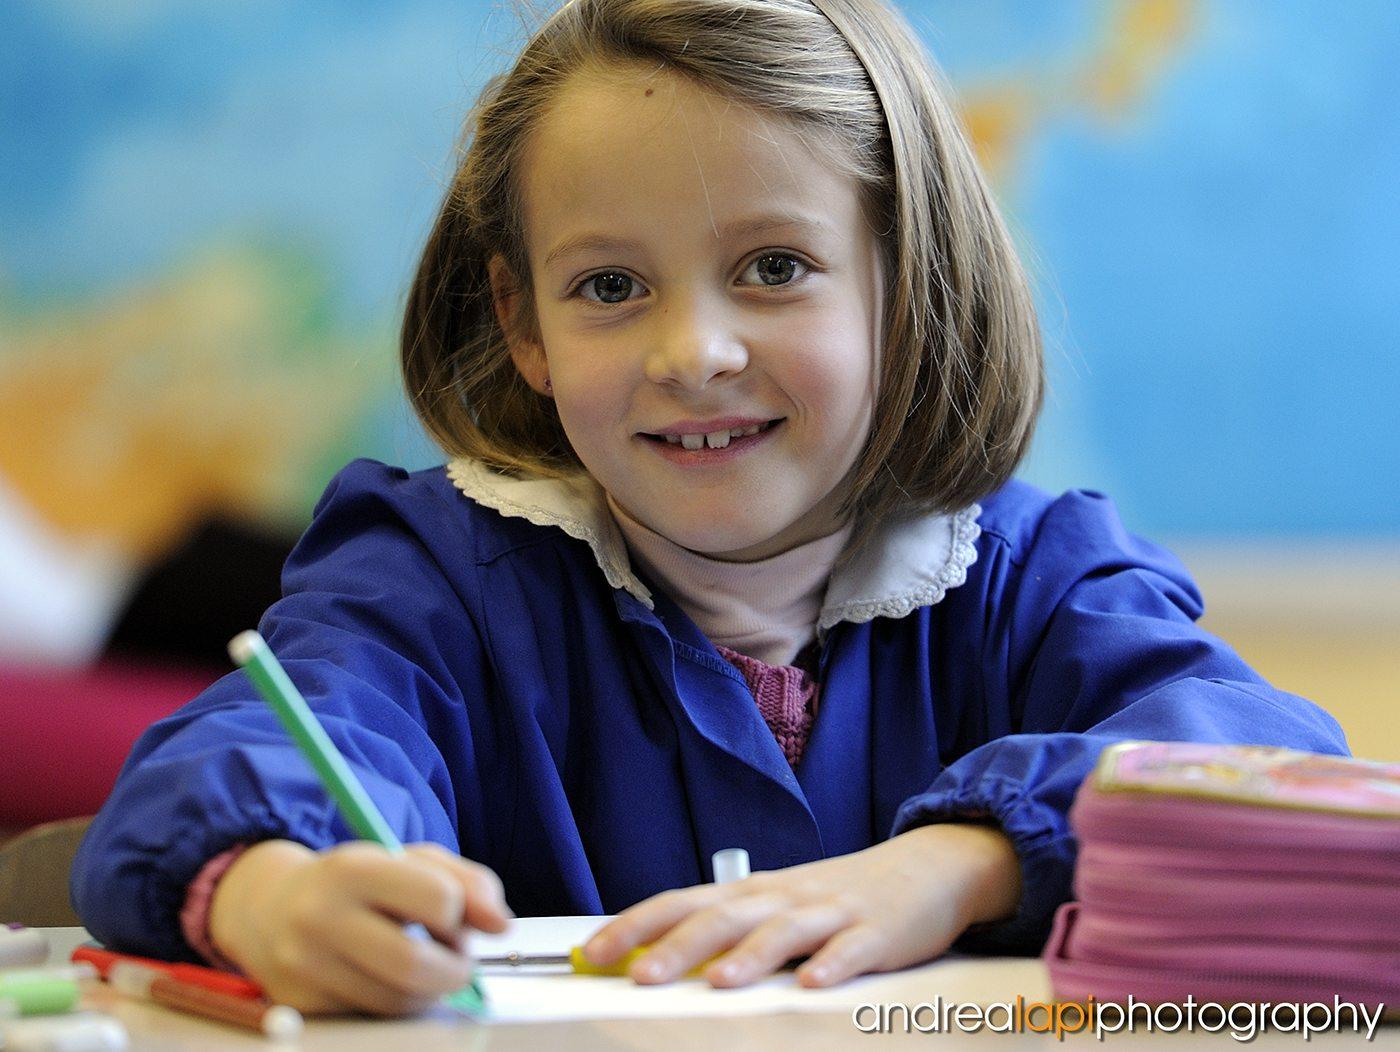 Alunna bambina bambino scuola